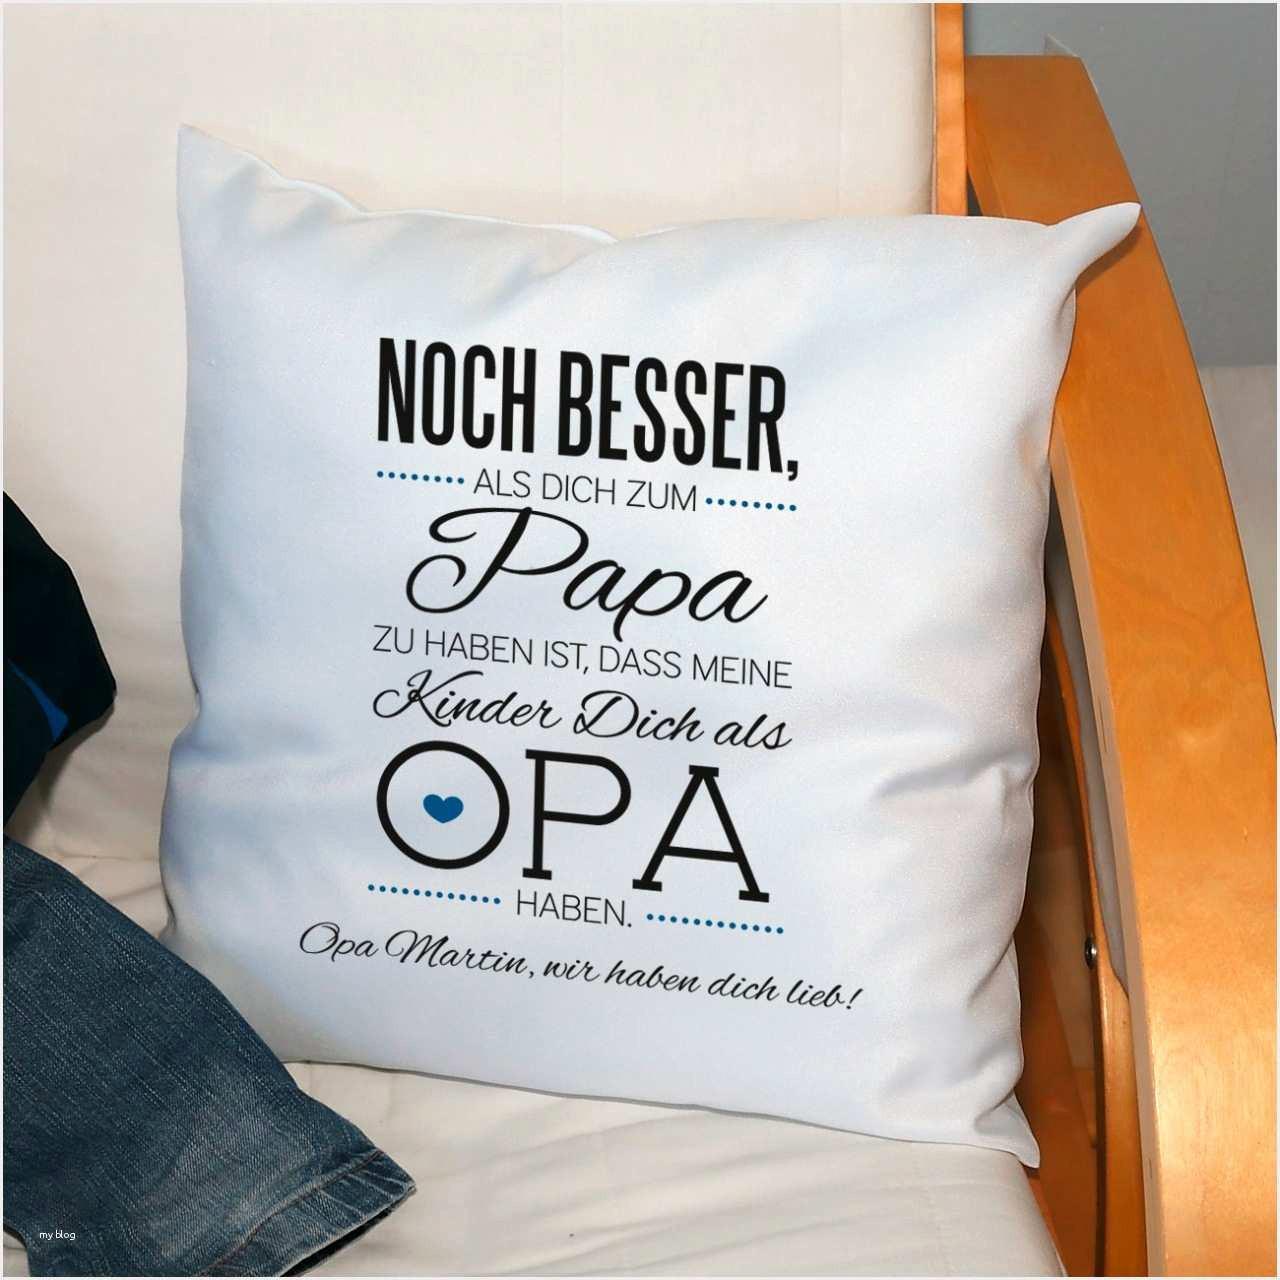 Geschenke Zum 80. Geburtstag Opa  Brillant Geschenk Zum 80 Geburtstag Opa Und Blühende Ideen